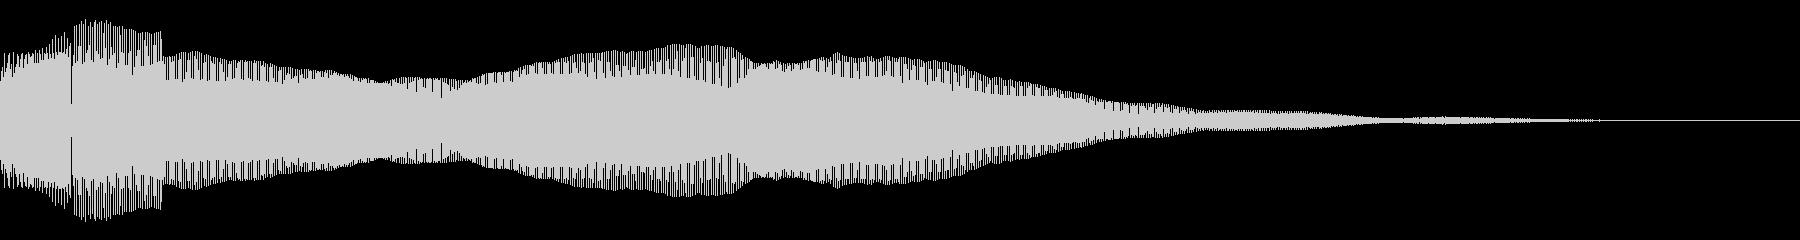 決定/ボタン押下音(ピンッ)の未再生の波形